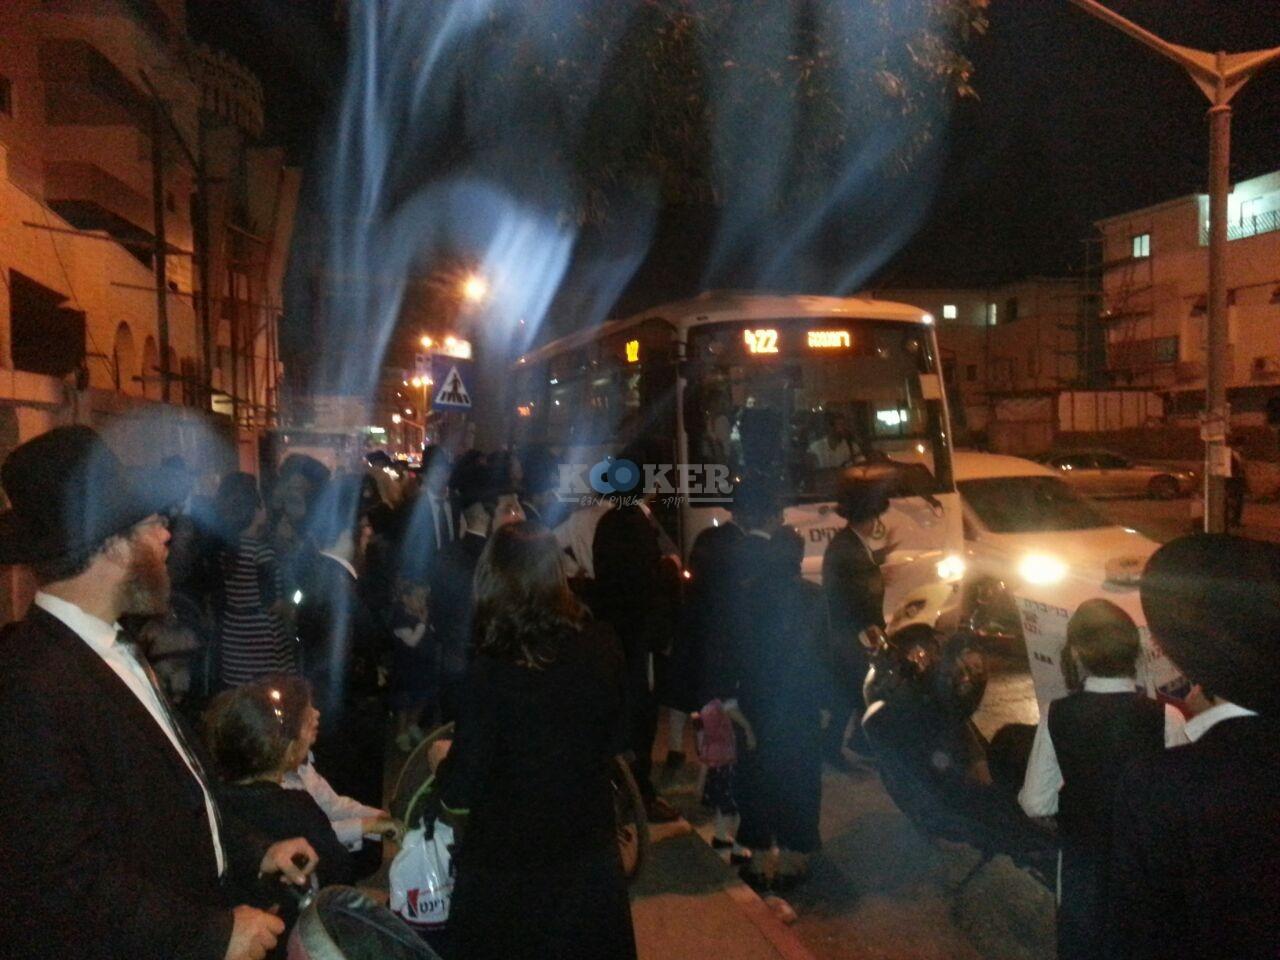 חסימות אוטובוסים השומר צילם יהודה רחמים 24 (2)